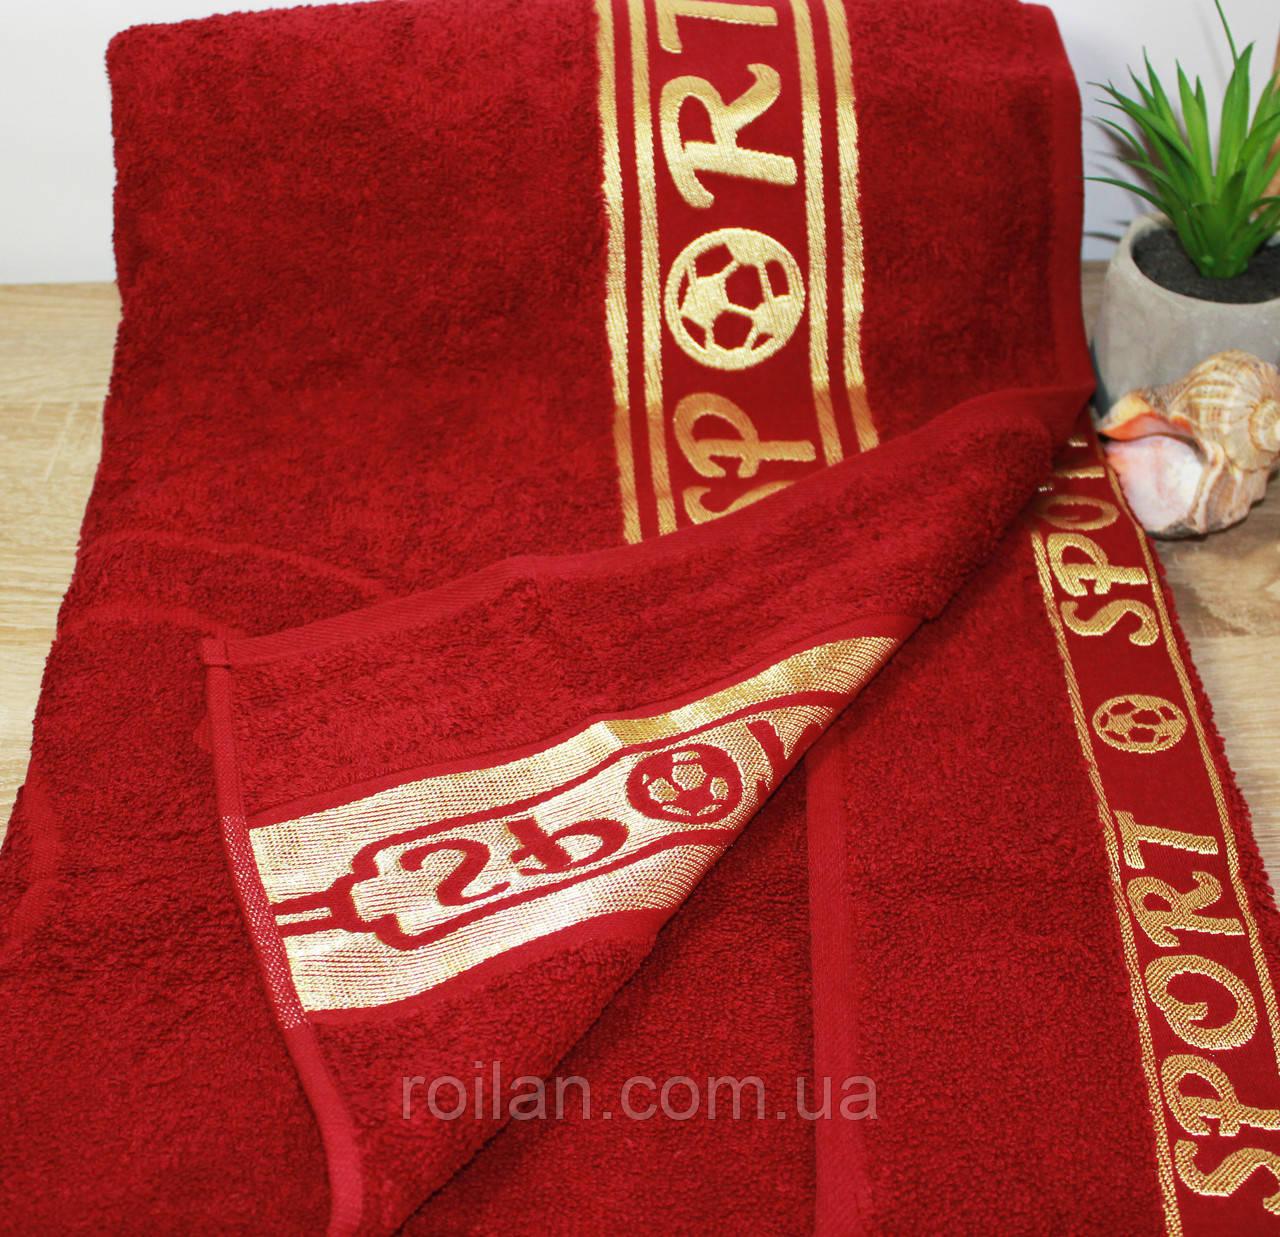 Полотенце в сауну SPORT Бордовый цвет